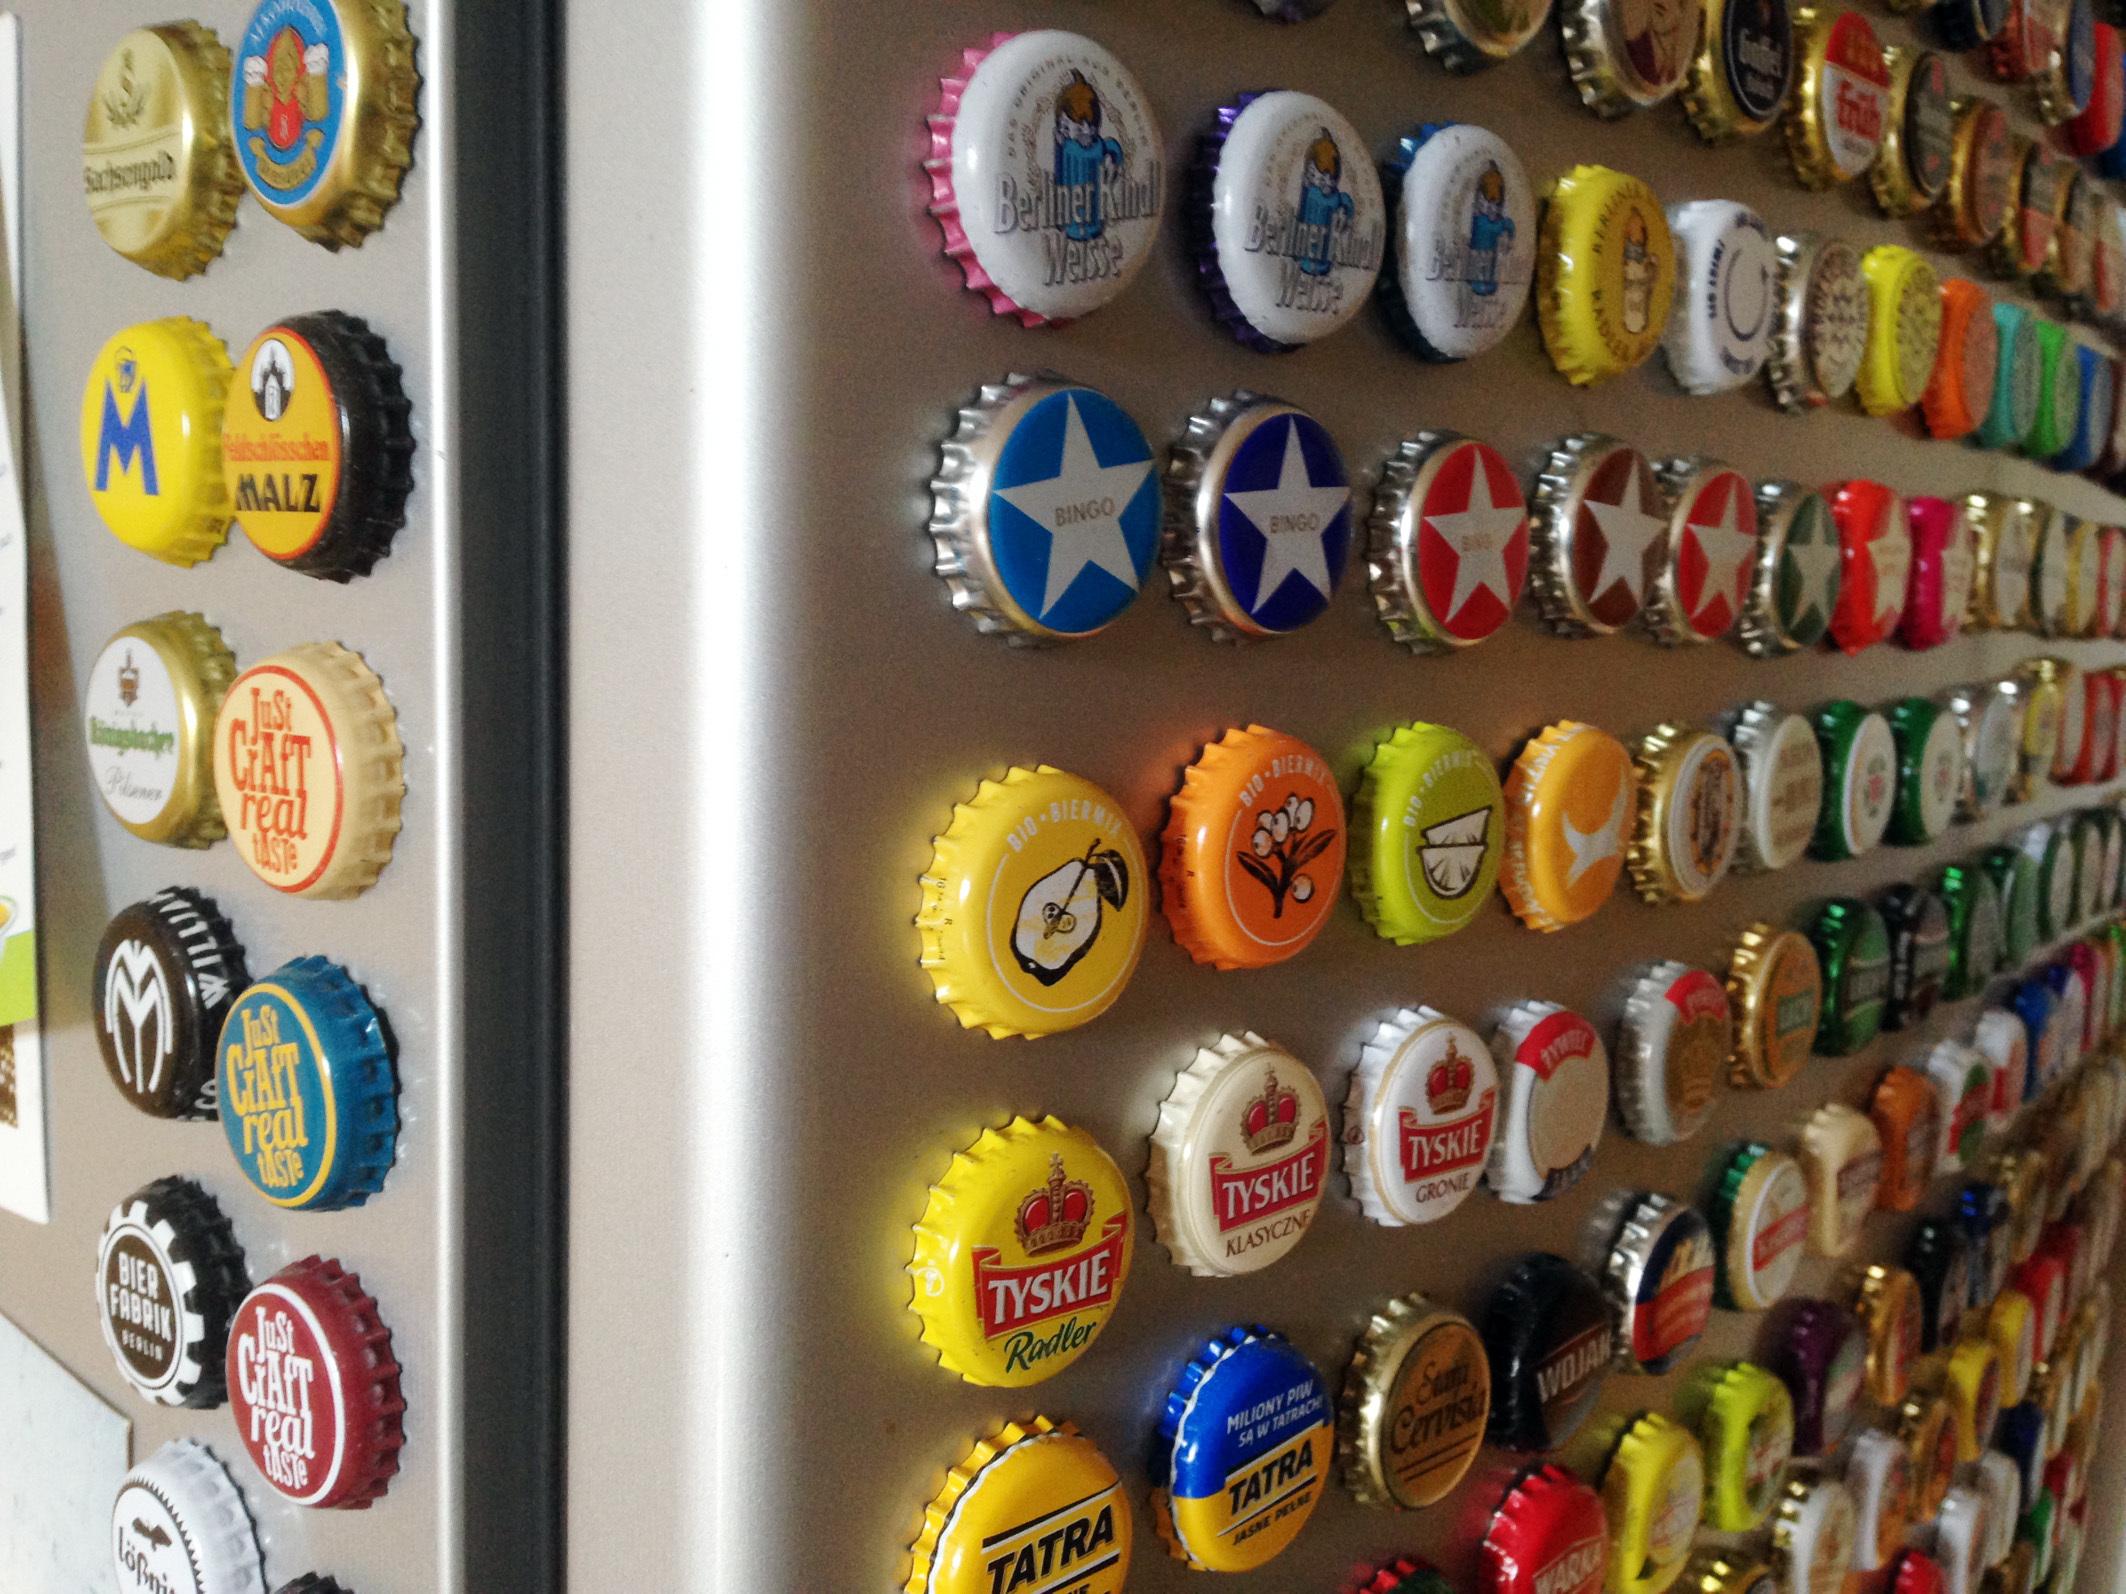 Kühlschrank Uhr Magnetisch : Warum ist die kühlschranktür magnetisch der grund dafür ist